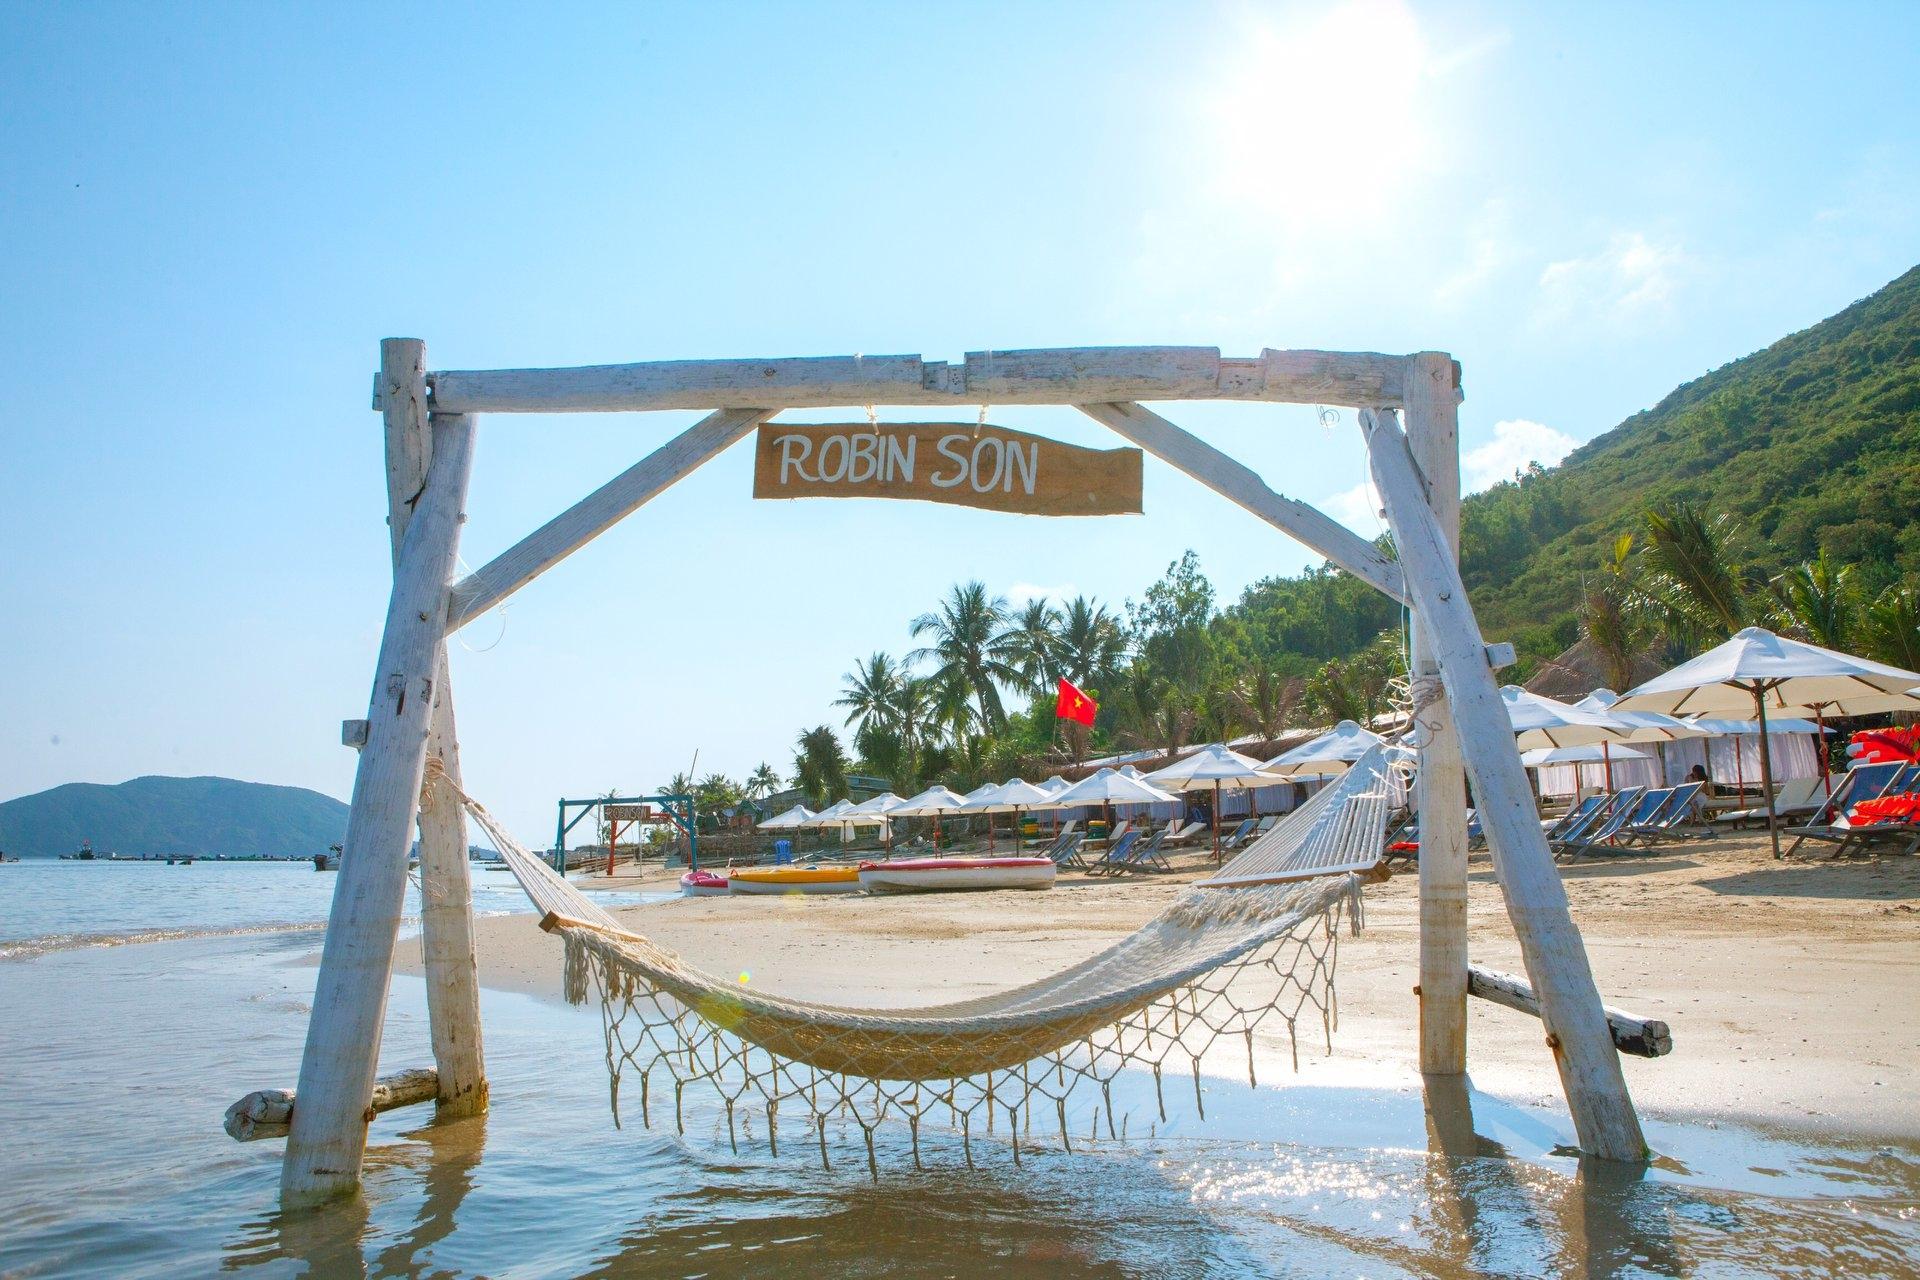 TOUR NGẮM HOÀNG HÔN TRÊN ỐC ĐẢO ROBINSON - Đón khách tại Nha Trang - P35110  | Sàn thương mại điện tử của khách hàng Viettelpost